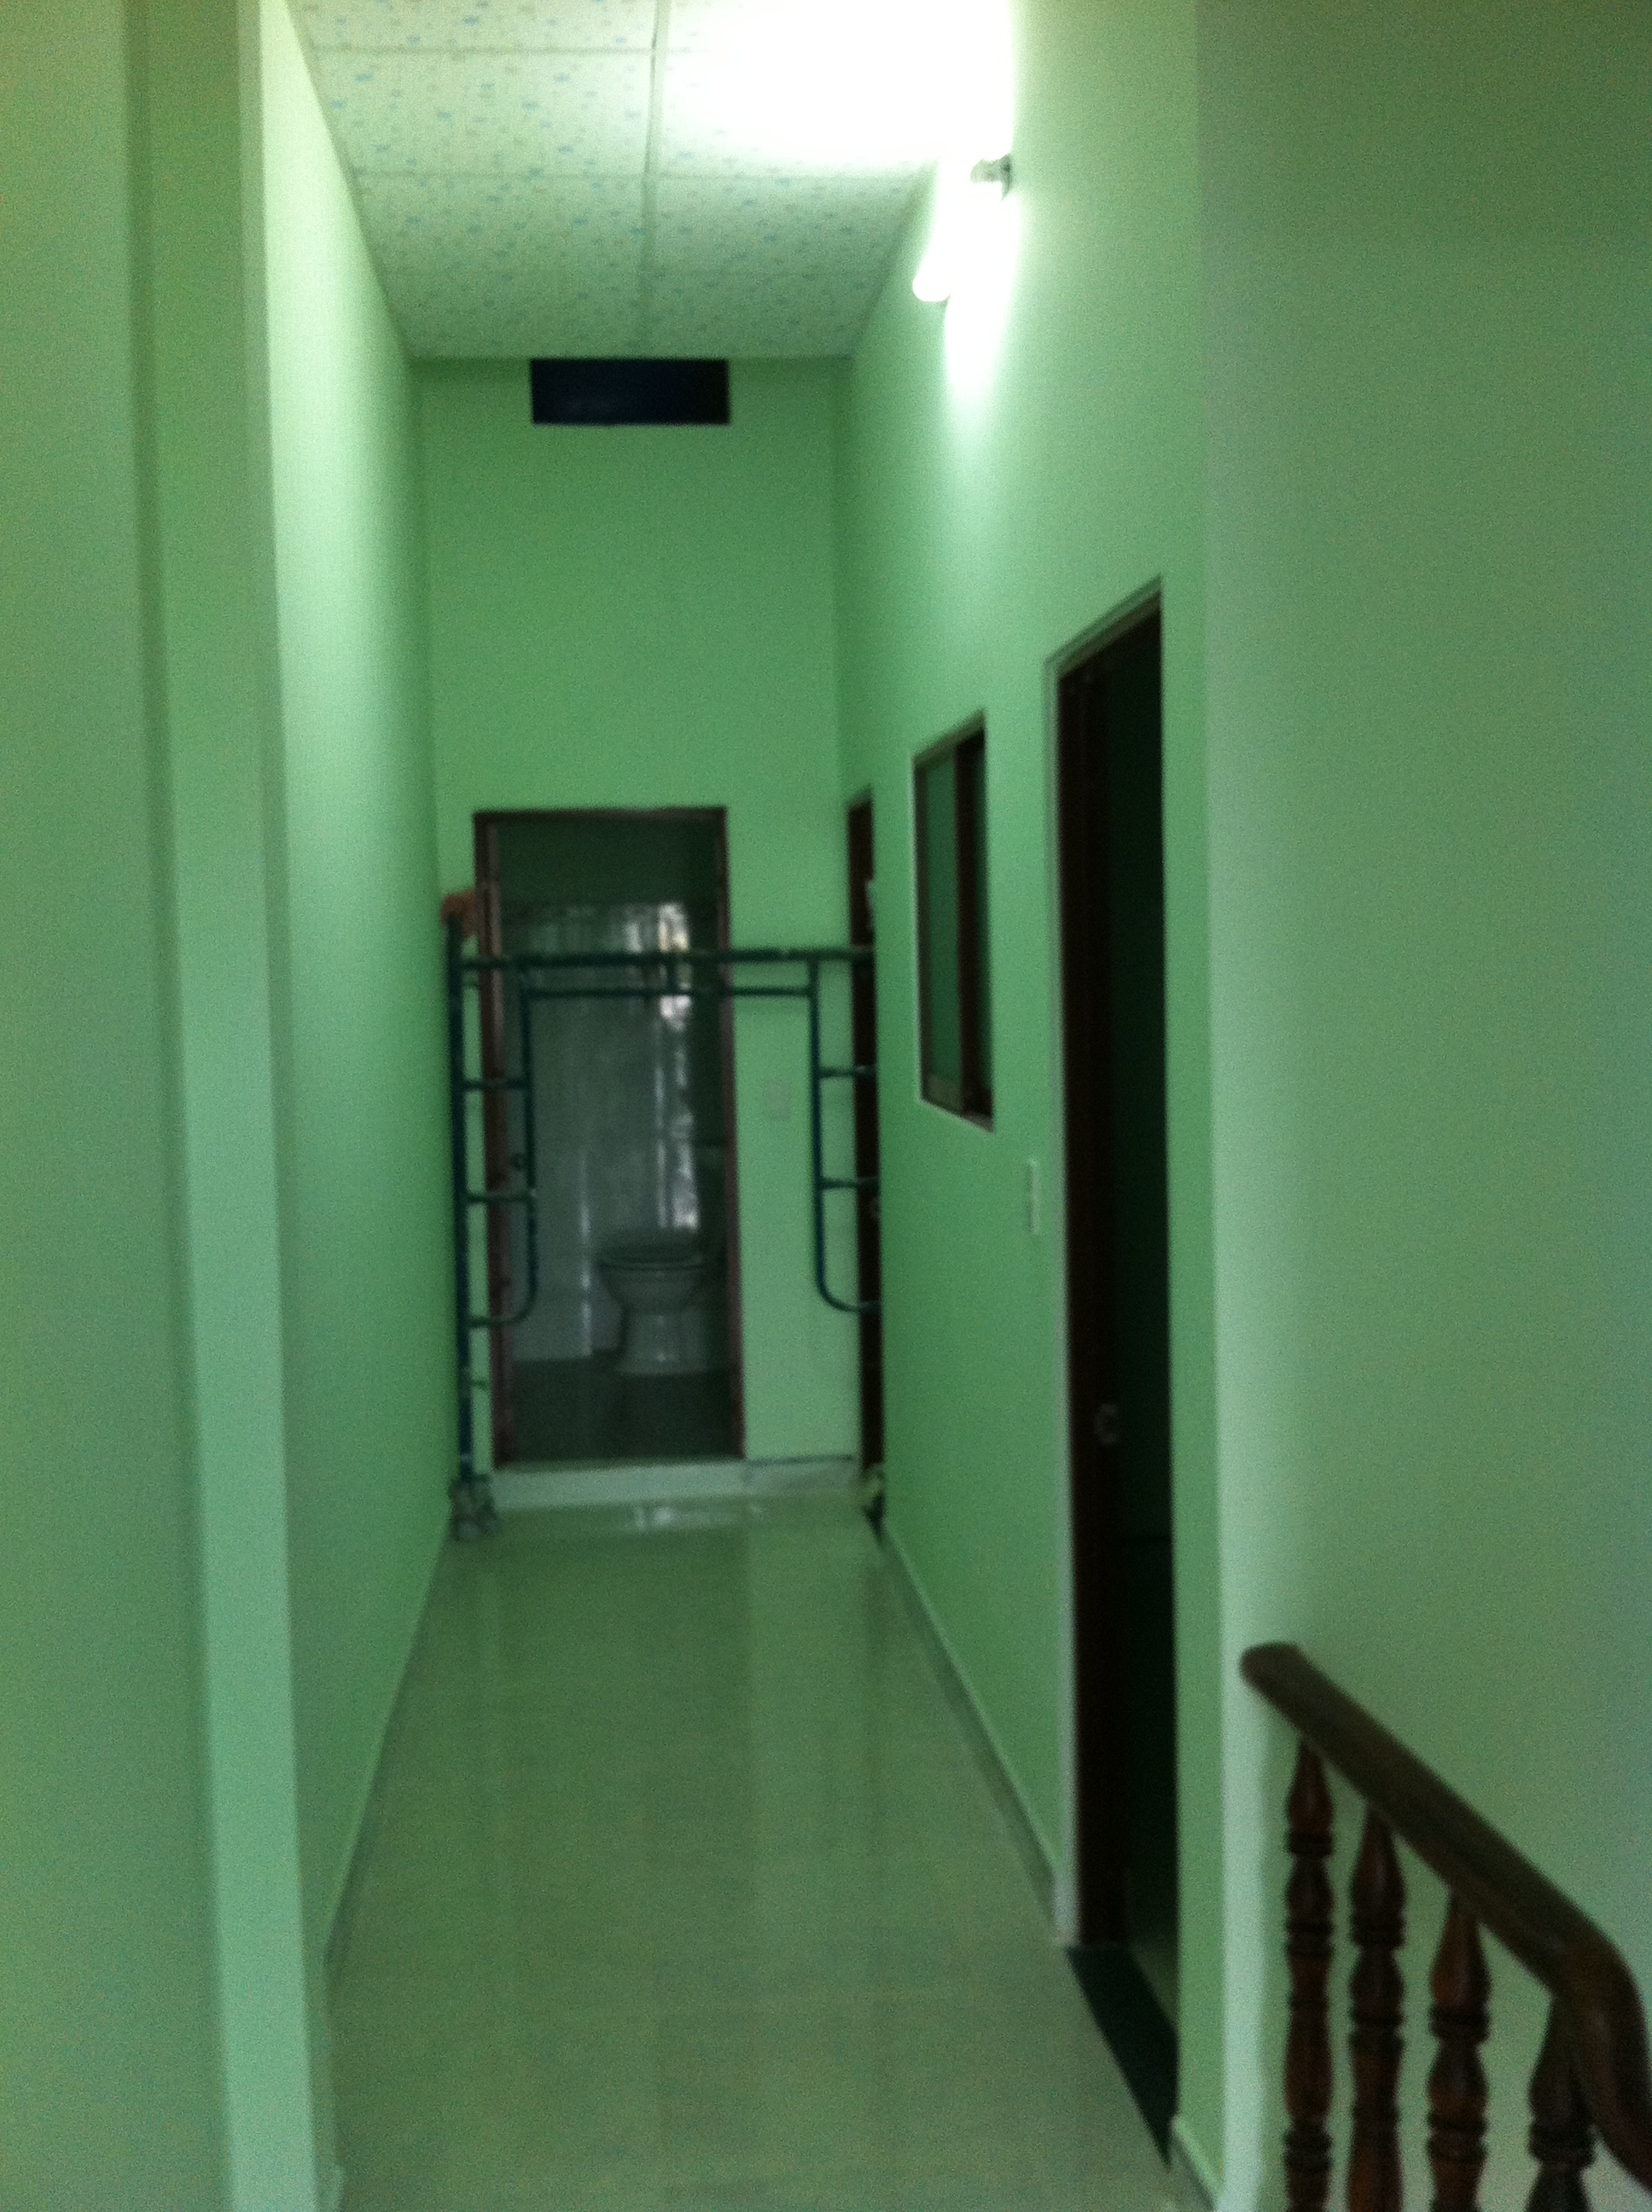 không gian lầu 1 nhà phố kiến mới nhất ở thị xã dĩ an, tỉnh bình dương